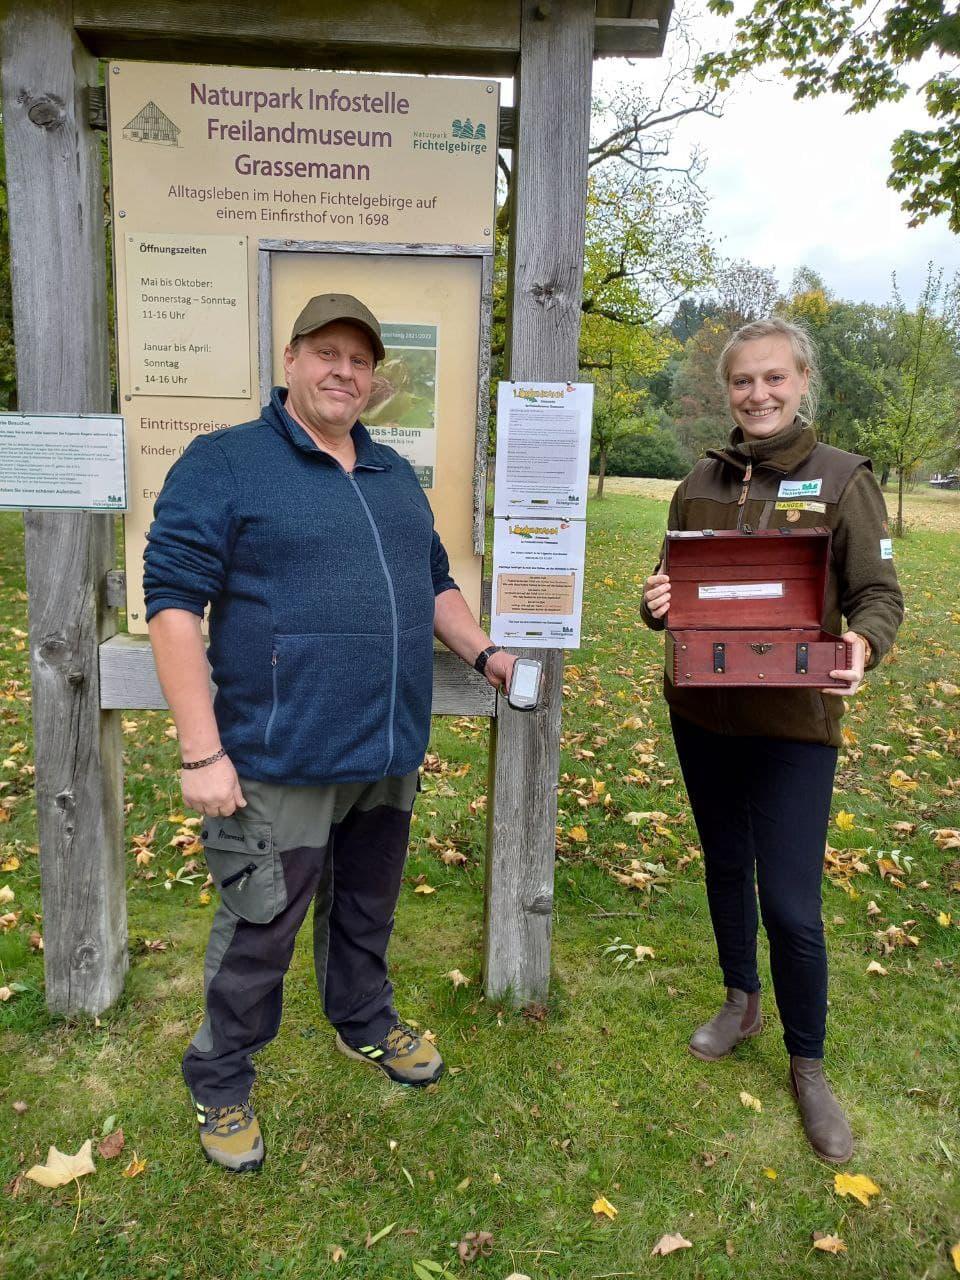 Löwenzahn und ZDF im Naturpark Fichtelgebirge zum gemeinsamen Geocaching